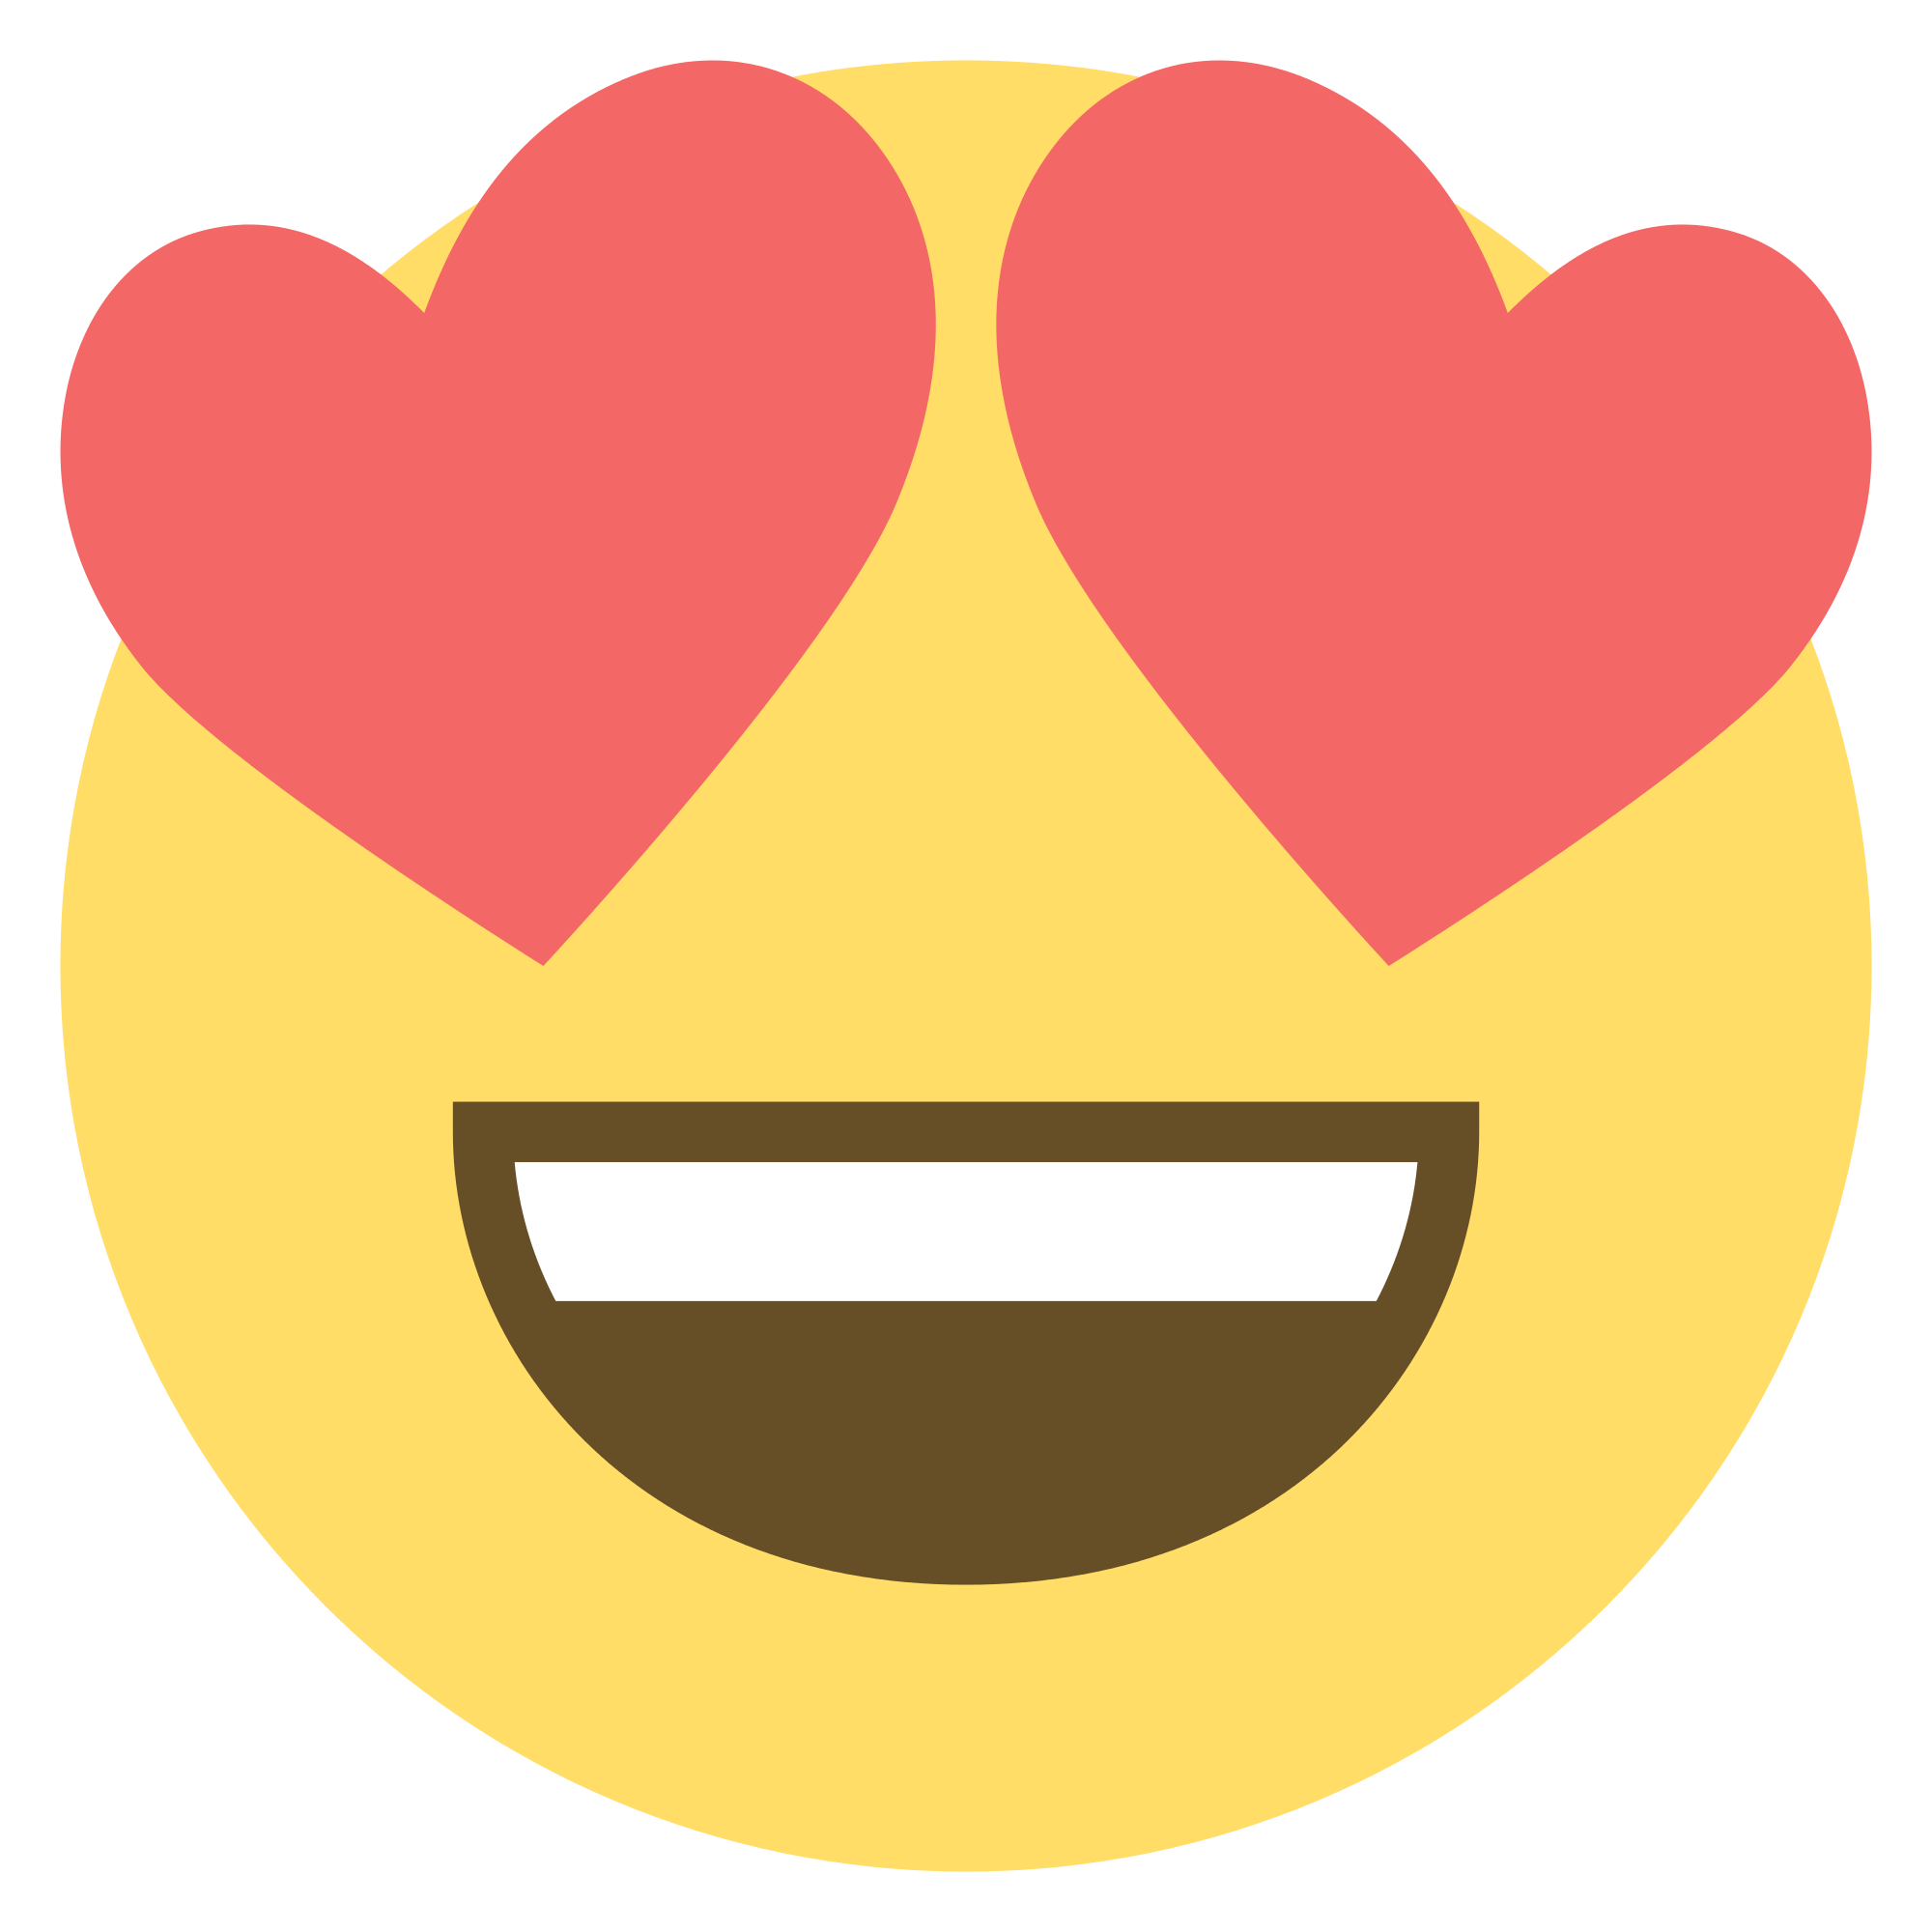 Love Emoji Transparent Png Stickpng